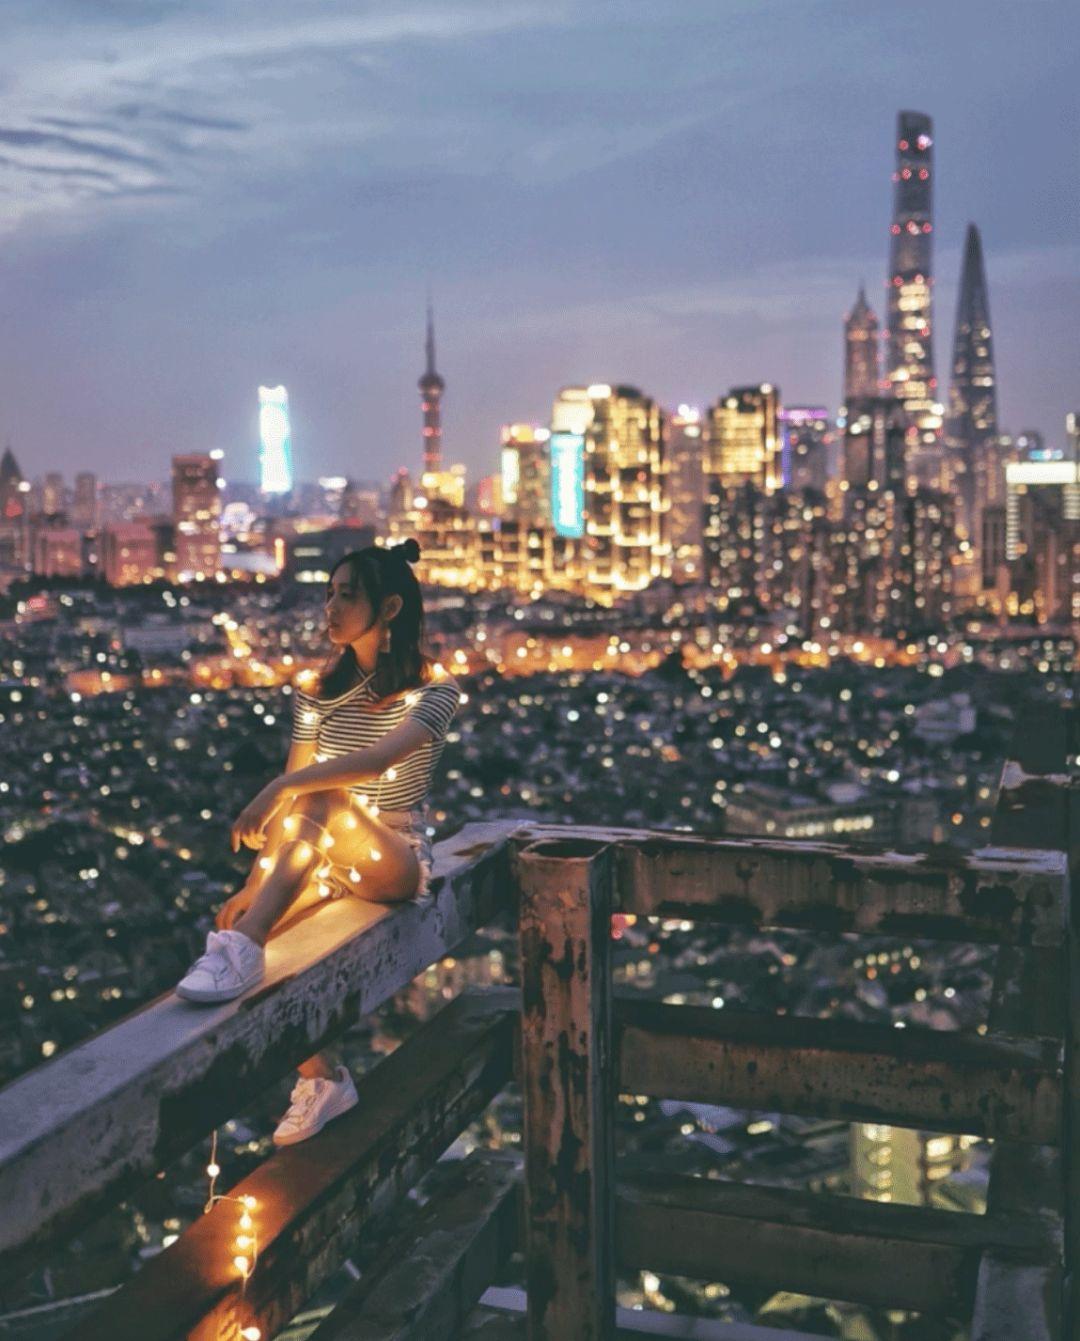 楼顶摄影师:他在更接近天空的地方,俯瞰上海黄平权坠楼去世